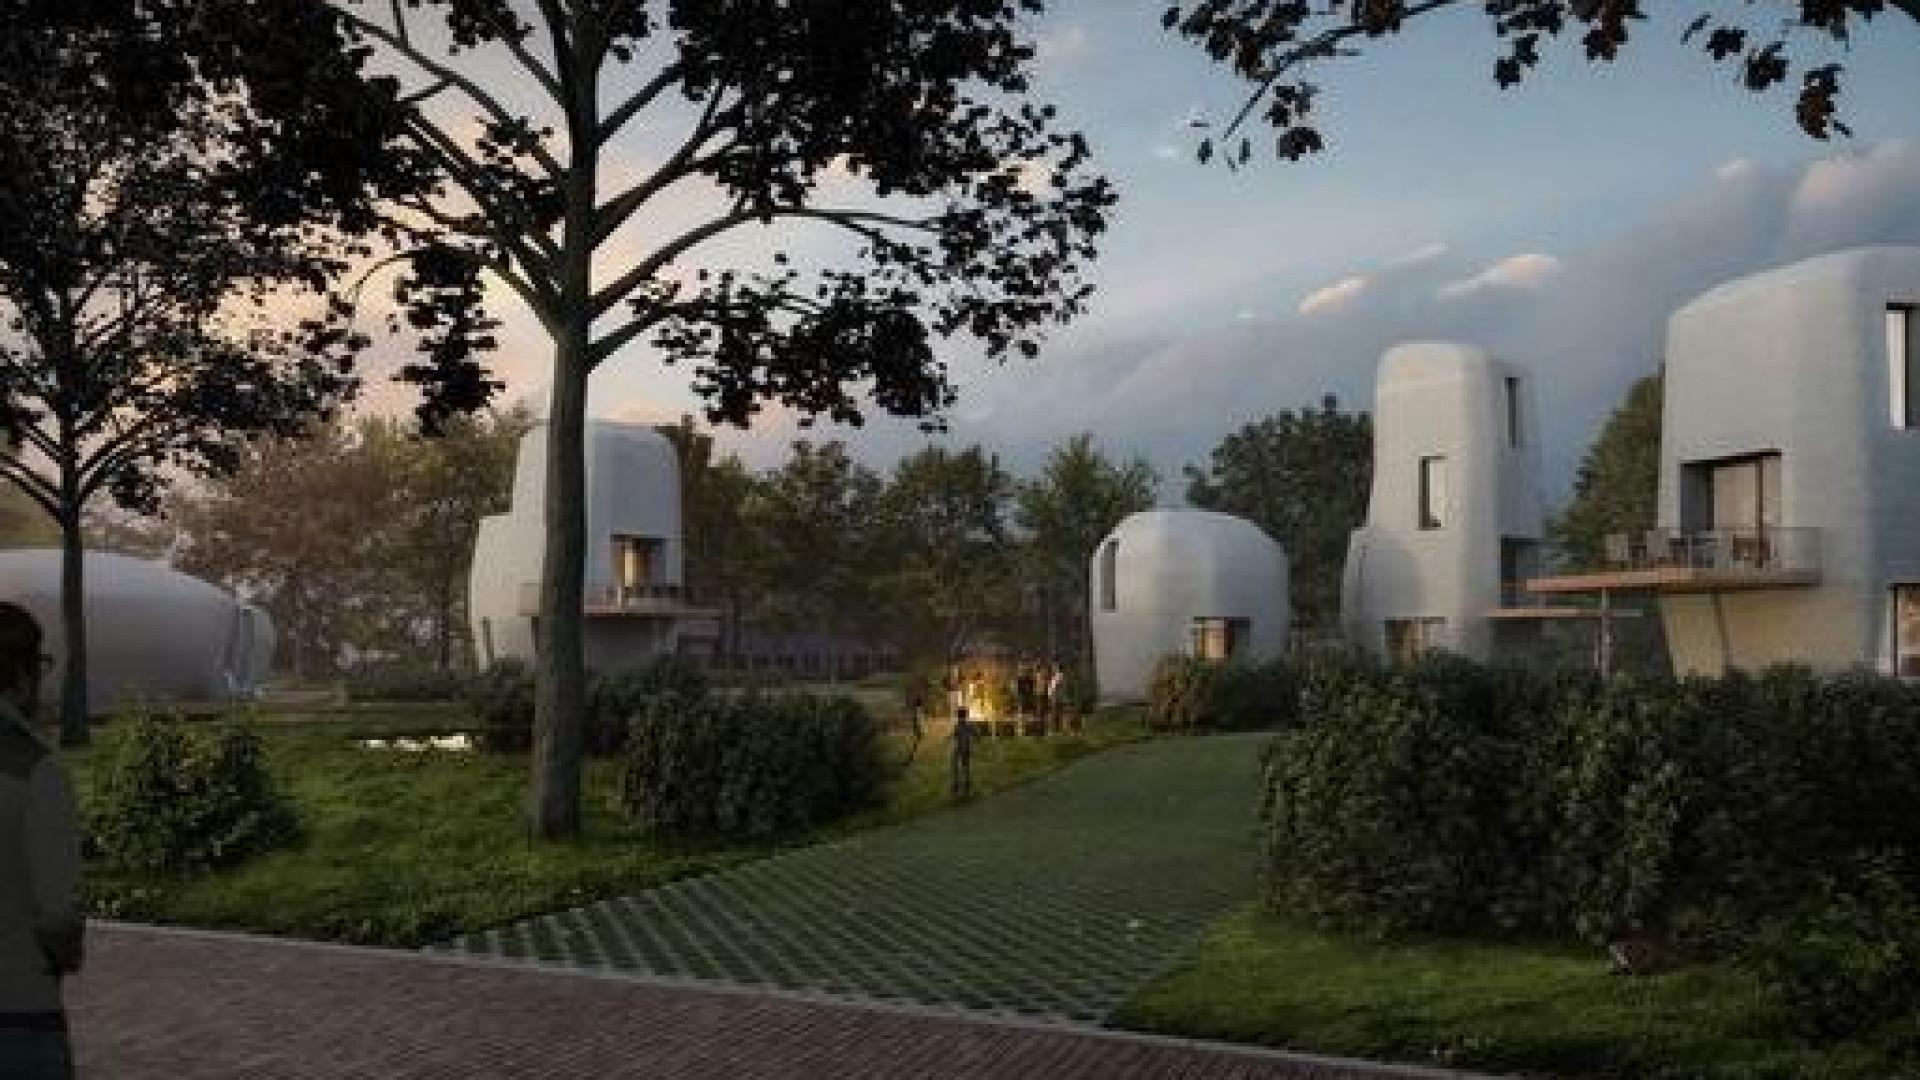 Primeiras casas feitas com impressão 3D construídas na Holanda